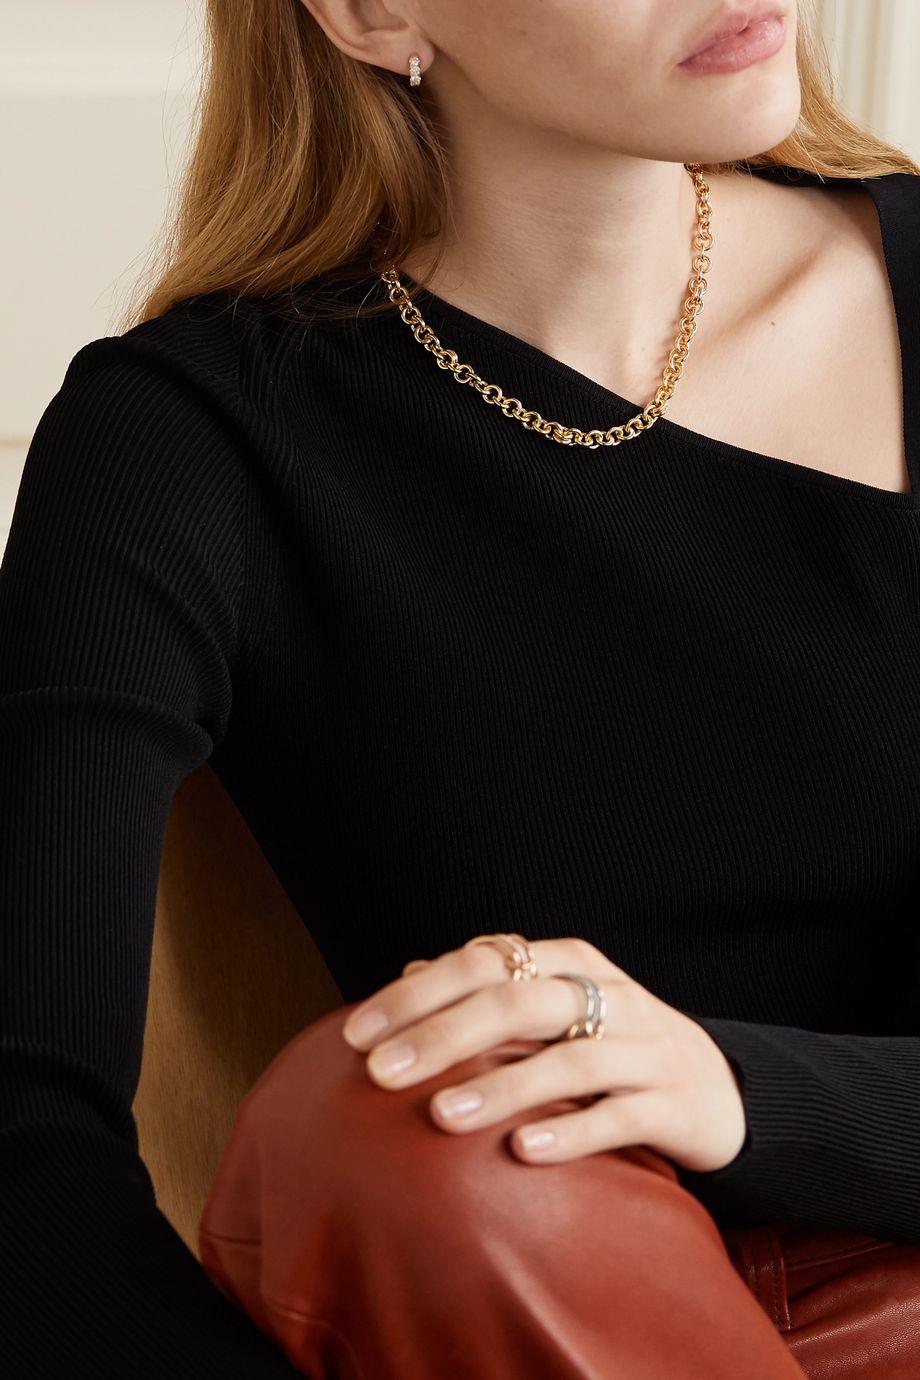 Spinelli Kilcollin Serpens 18-karat gold necklace